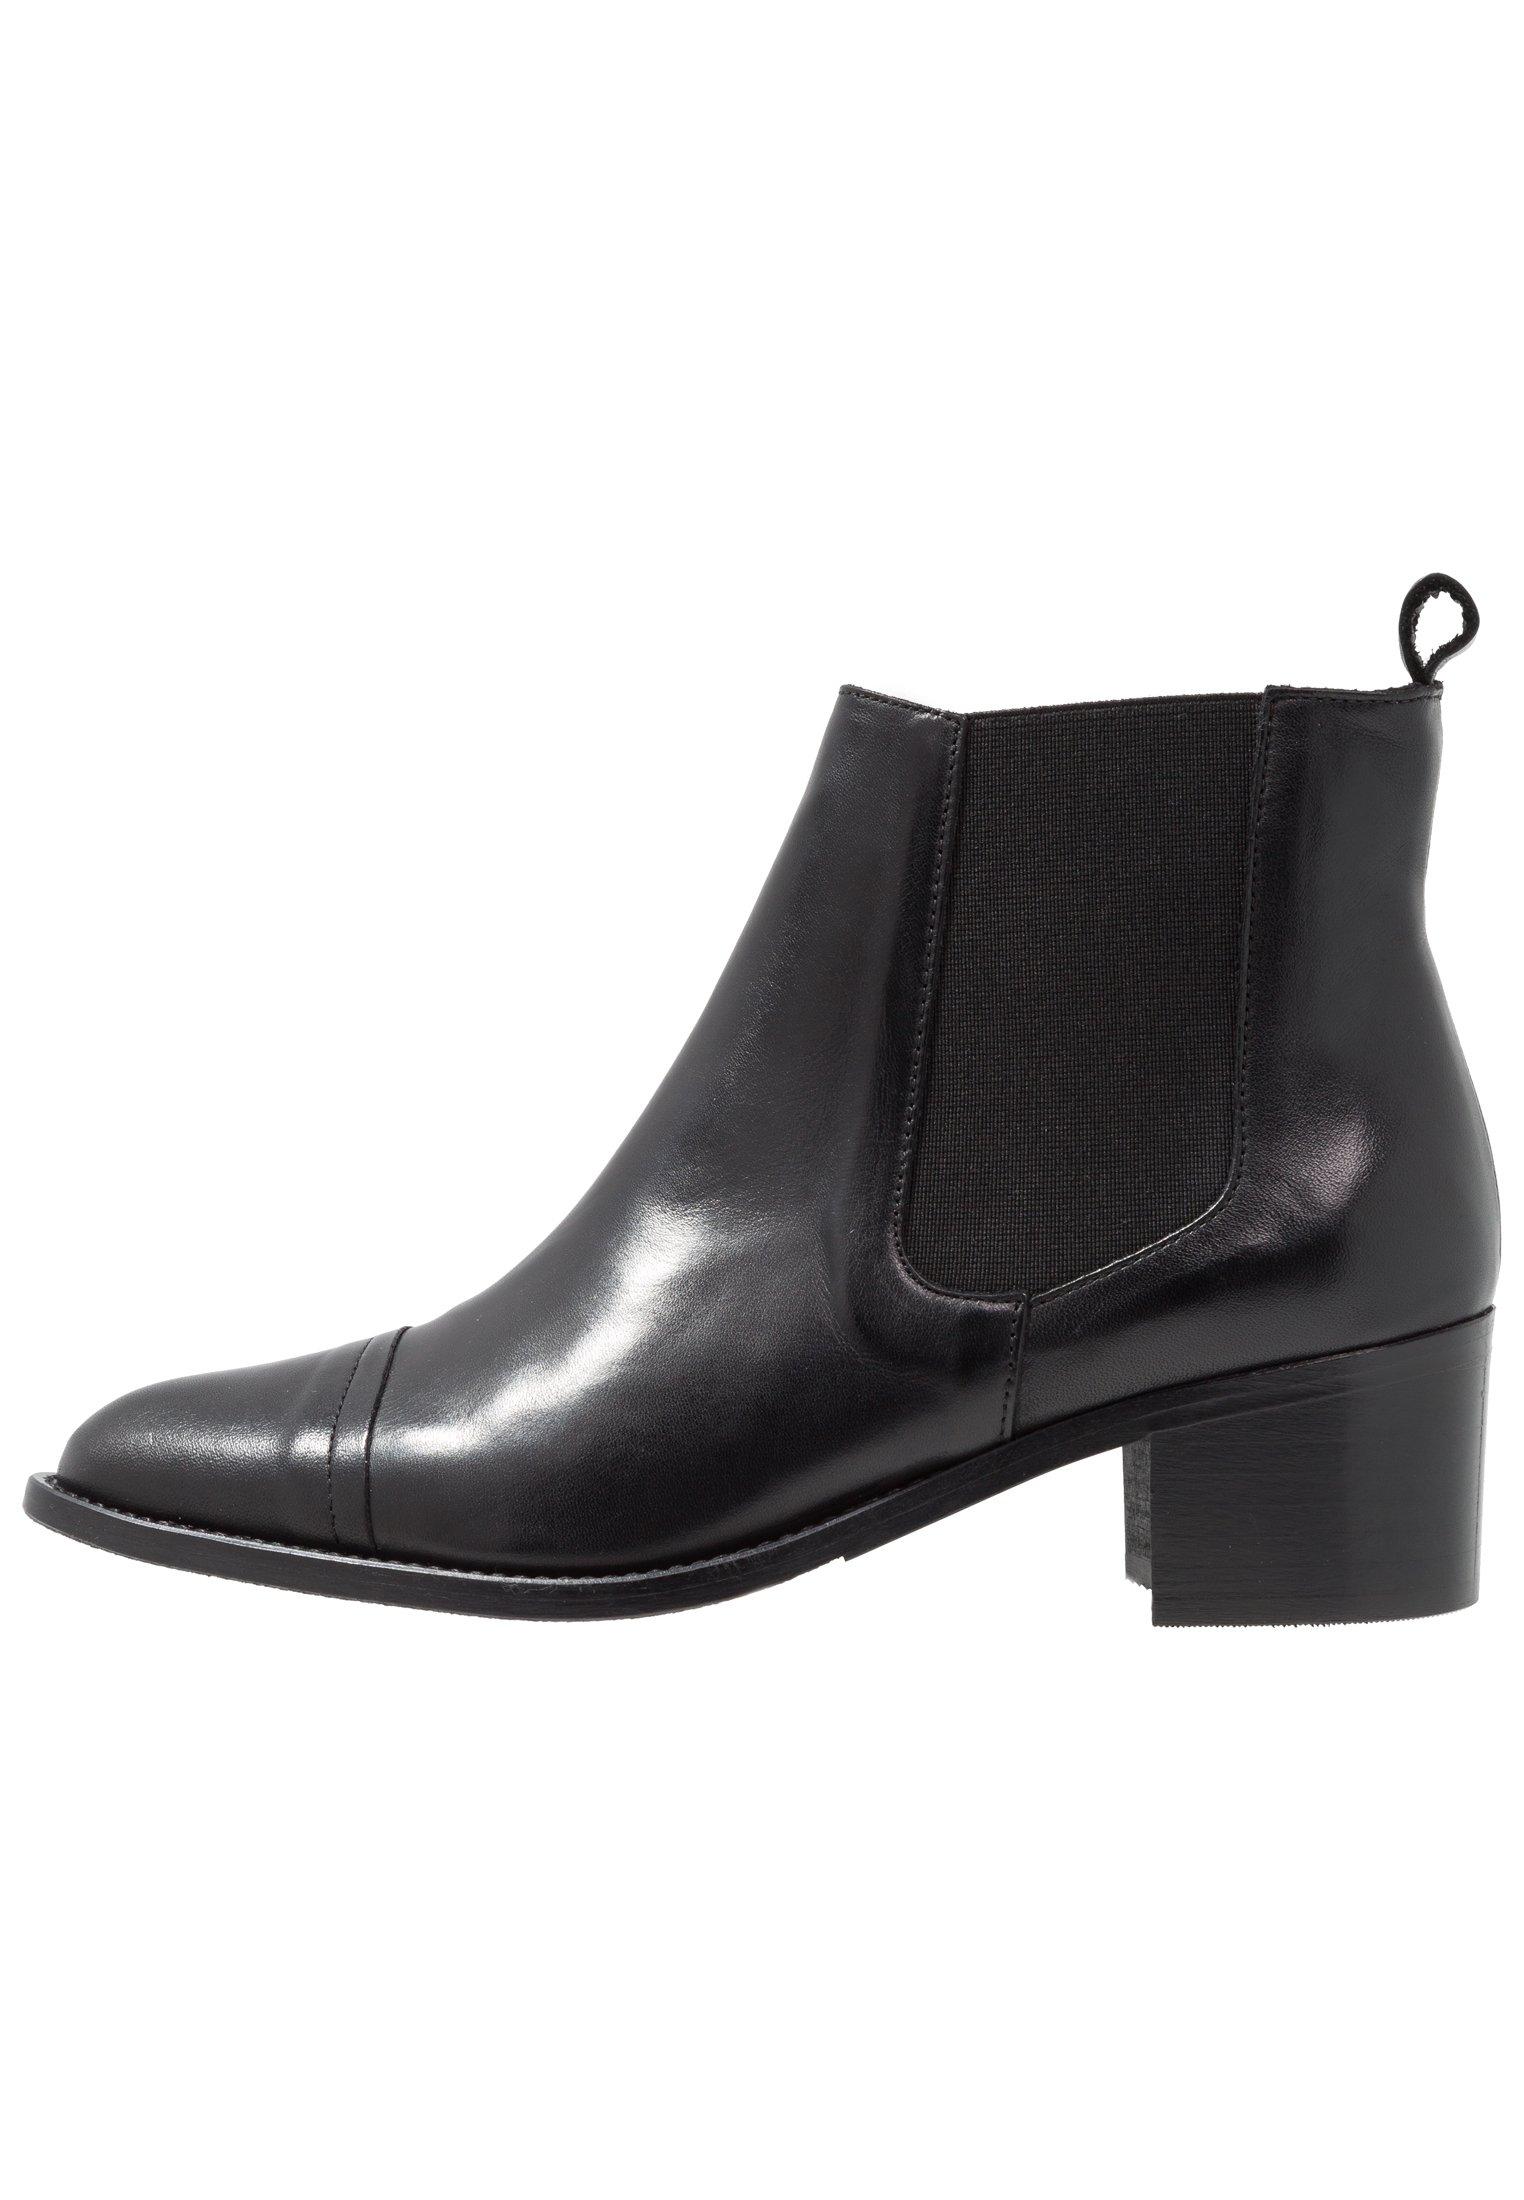 Bianco Ankle Boot - Khaki/beige